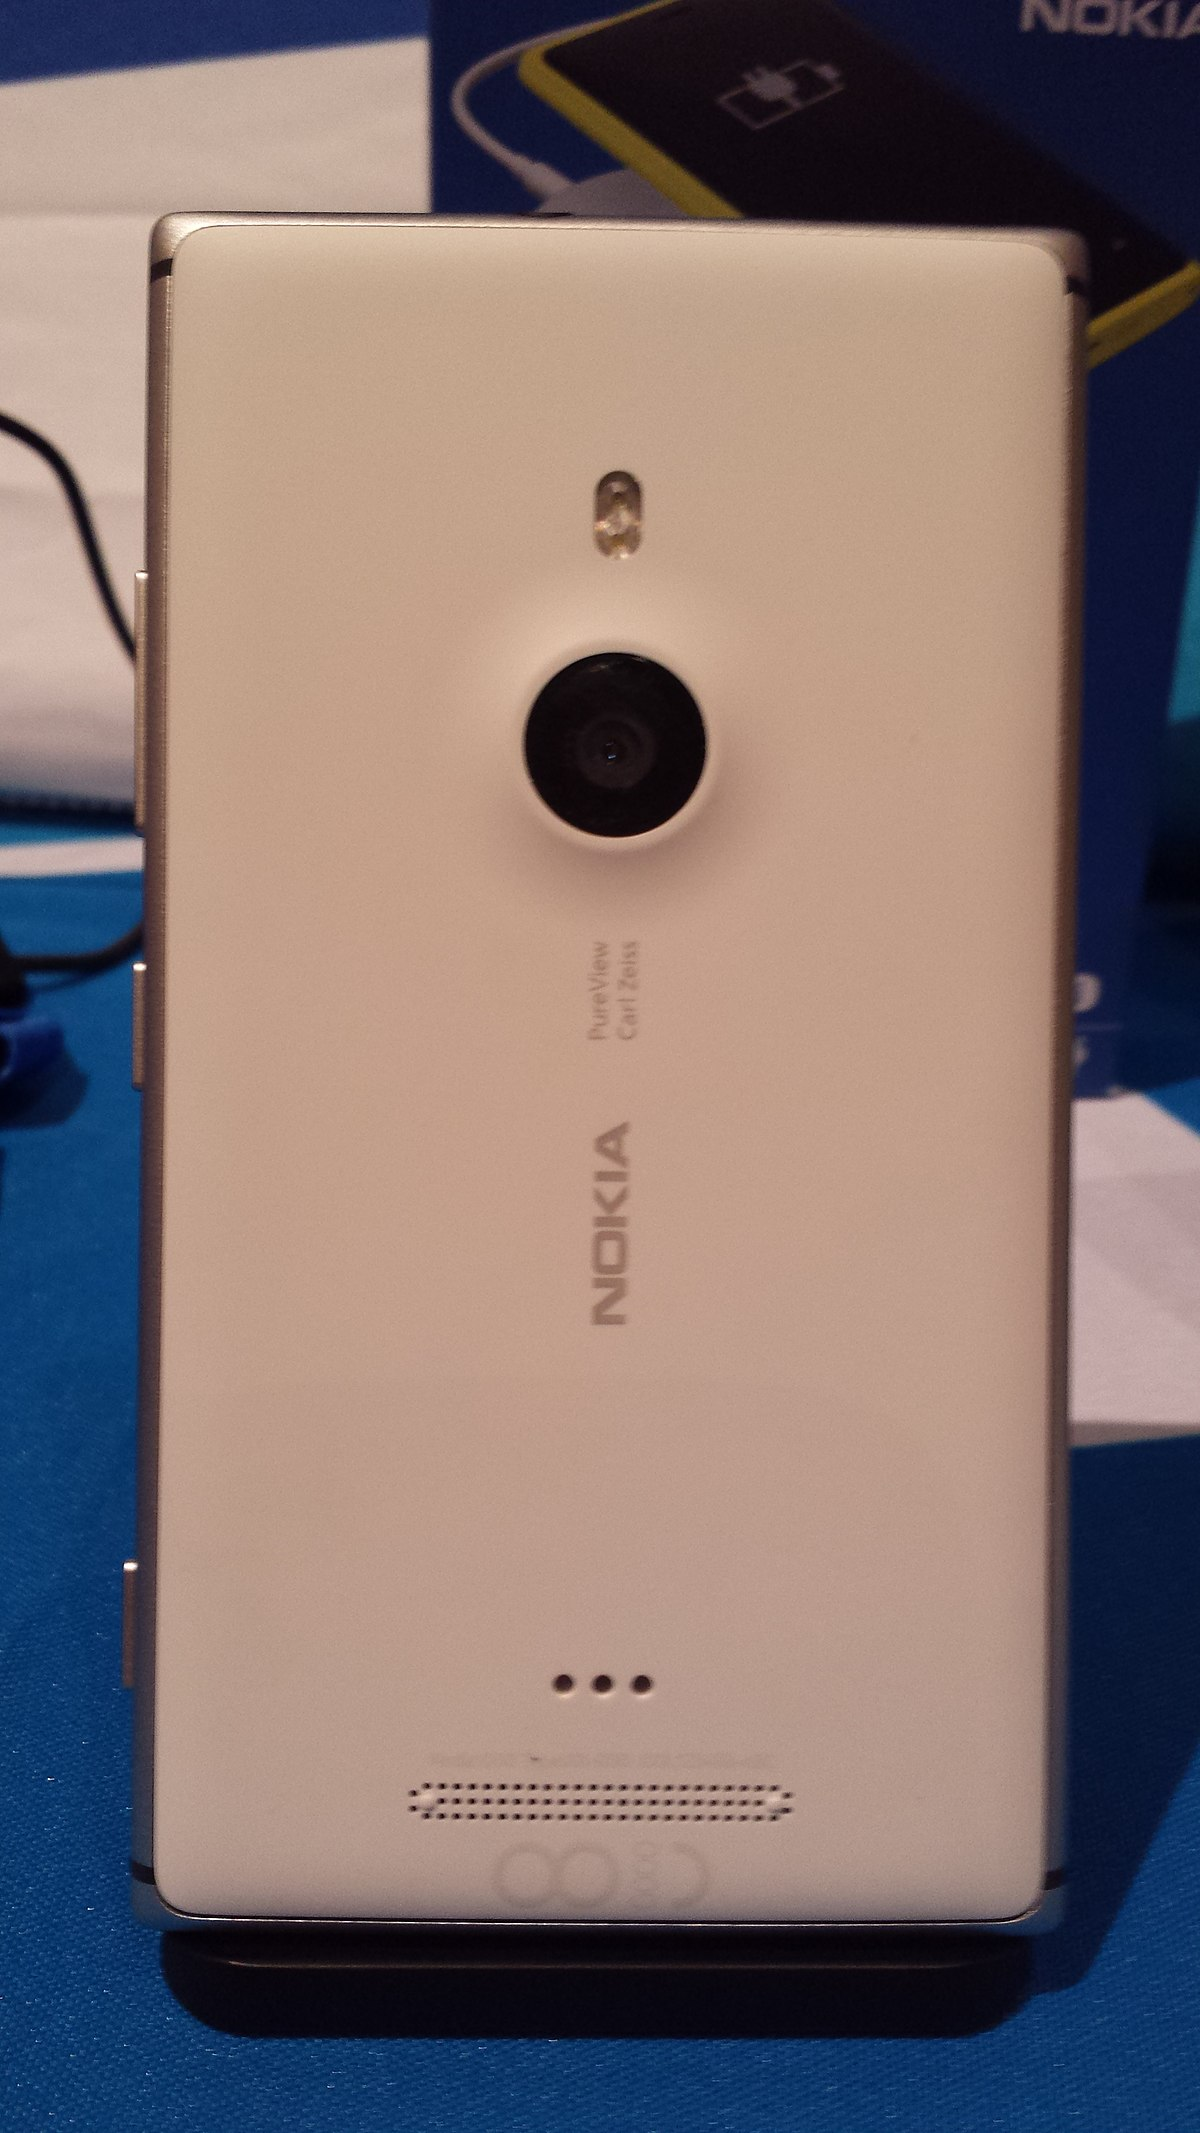 Nokia Lumia 925 Wikipedia